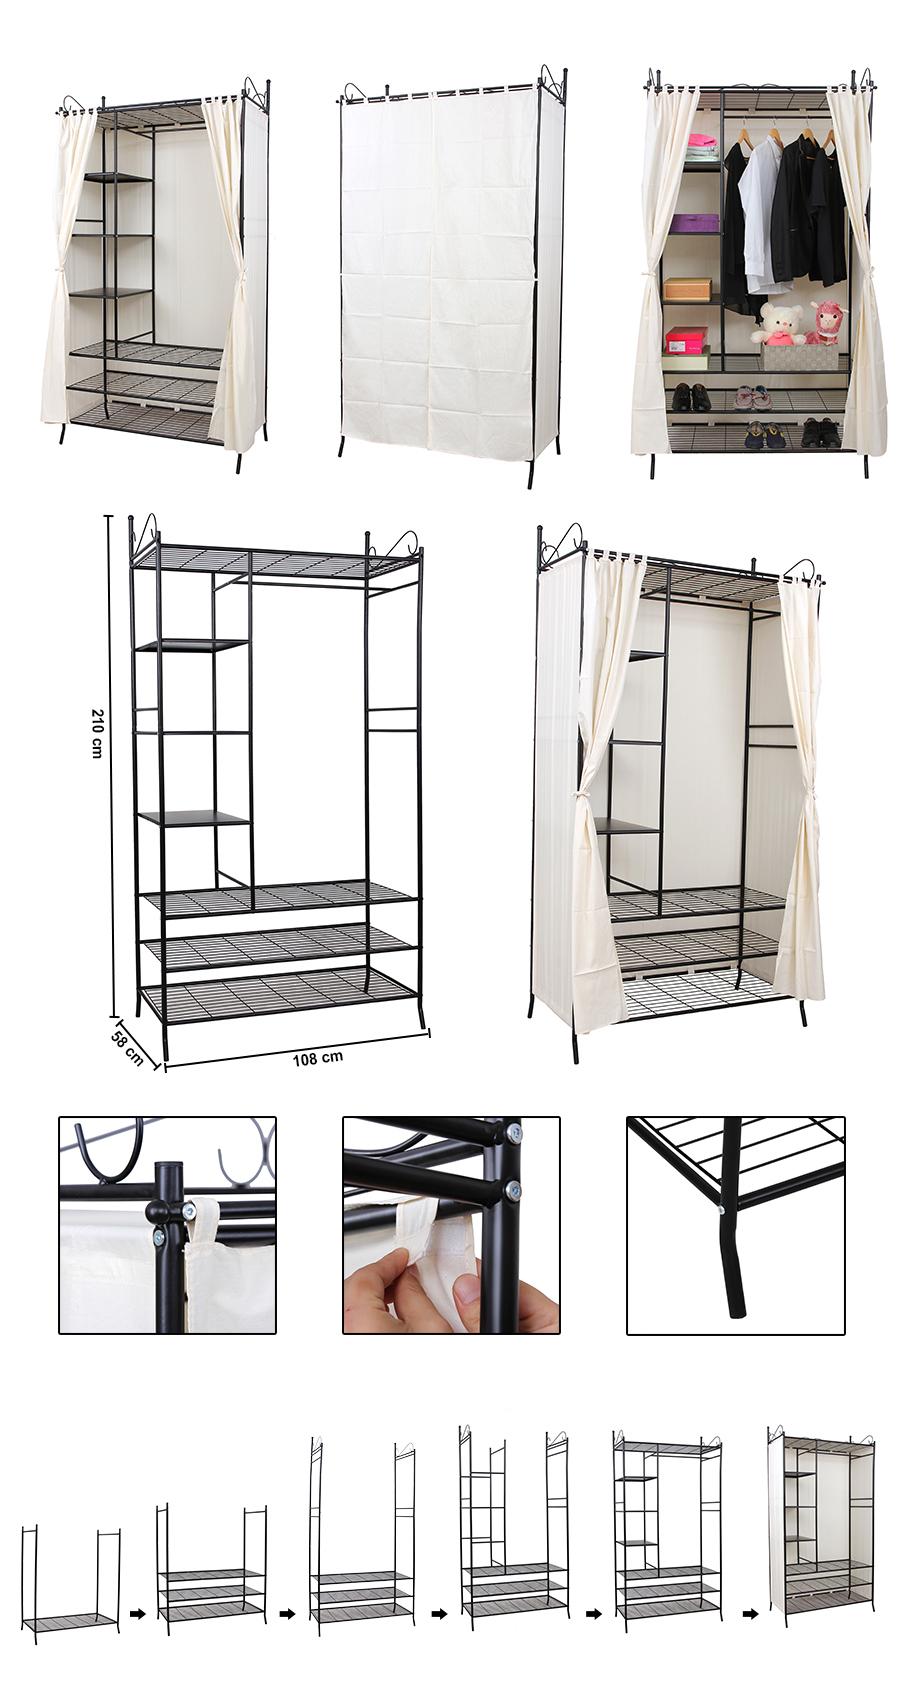 metall kleiderschrank faltschrank garderobe schrank stoff mit vorhang rtg04h ebay. Black Bedroom Furniture Sets. Home Design Ideas